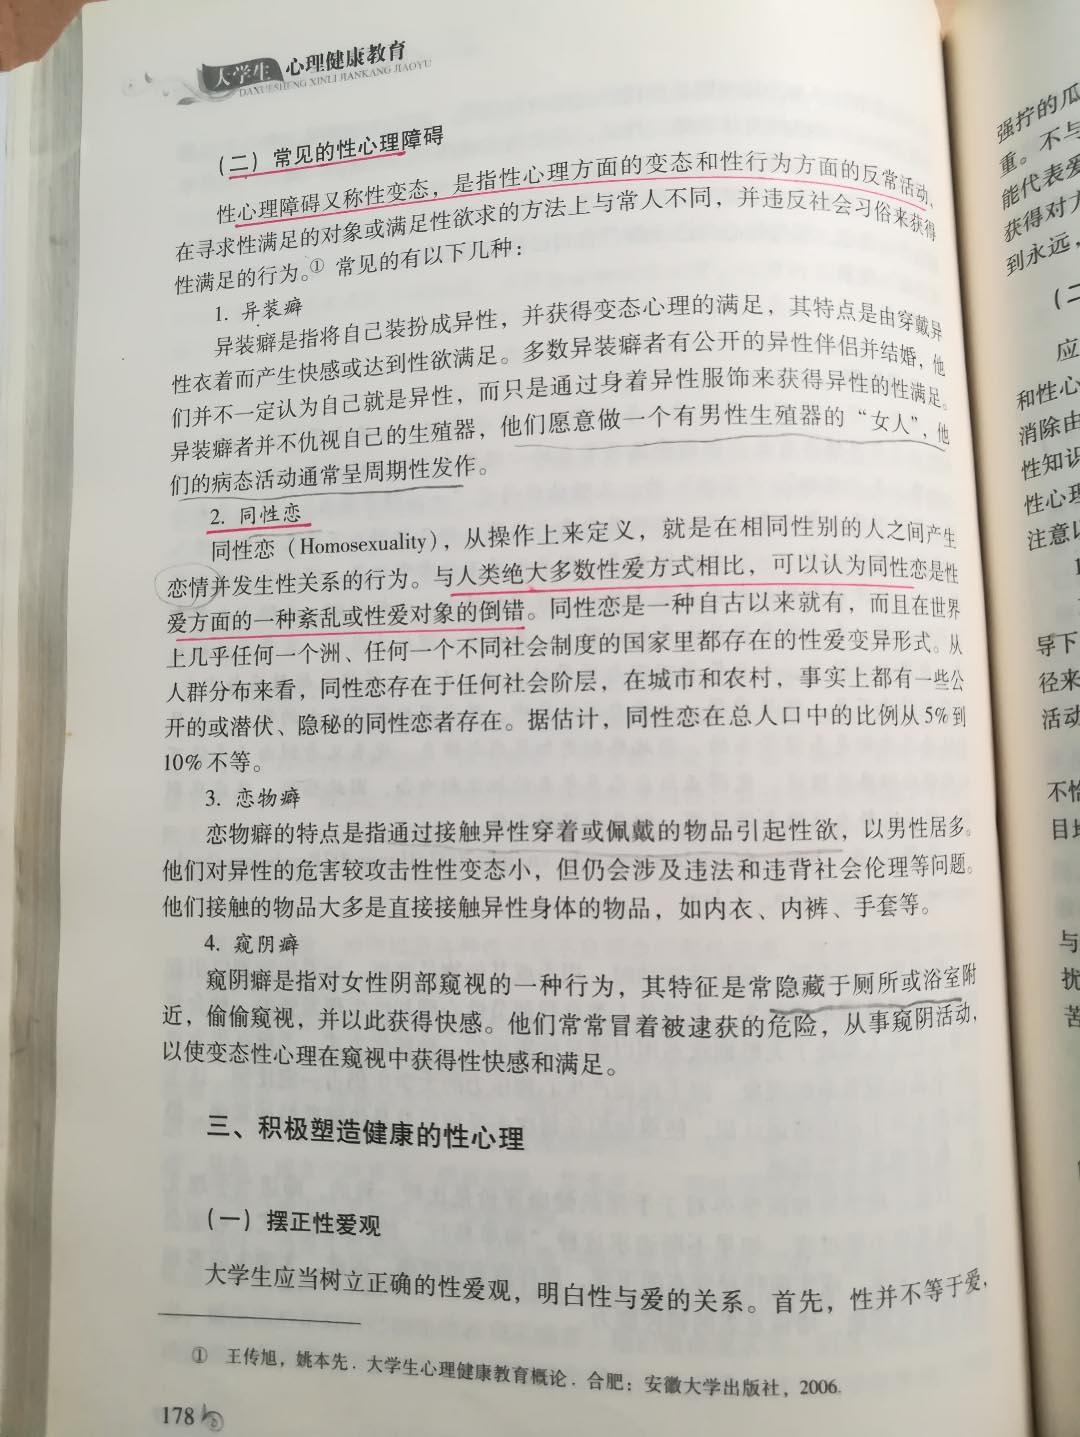 大學教材對同性戀的描述有違中國大陸的精神障礙分類與診斷標準。(「西西」提供 / 拍攝日期不詳)